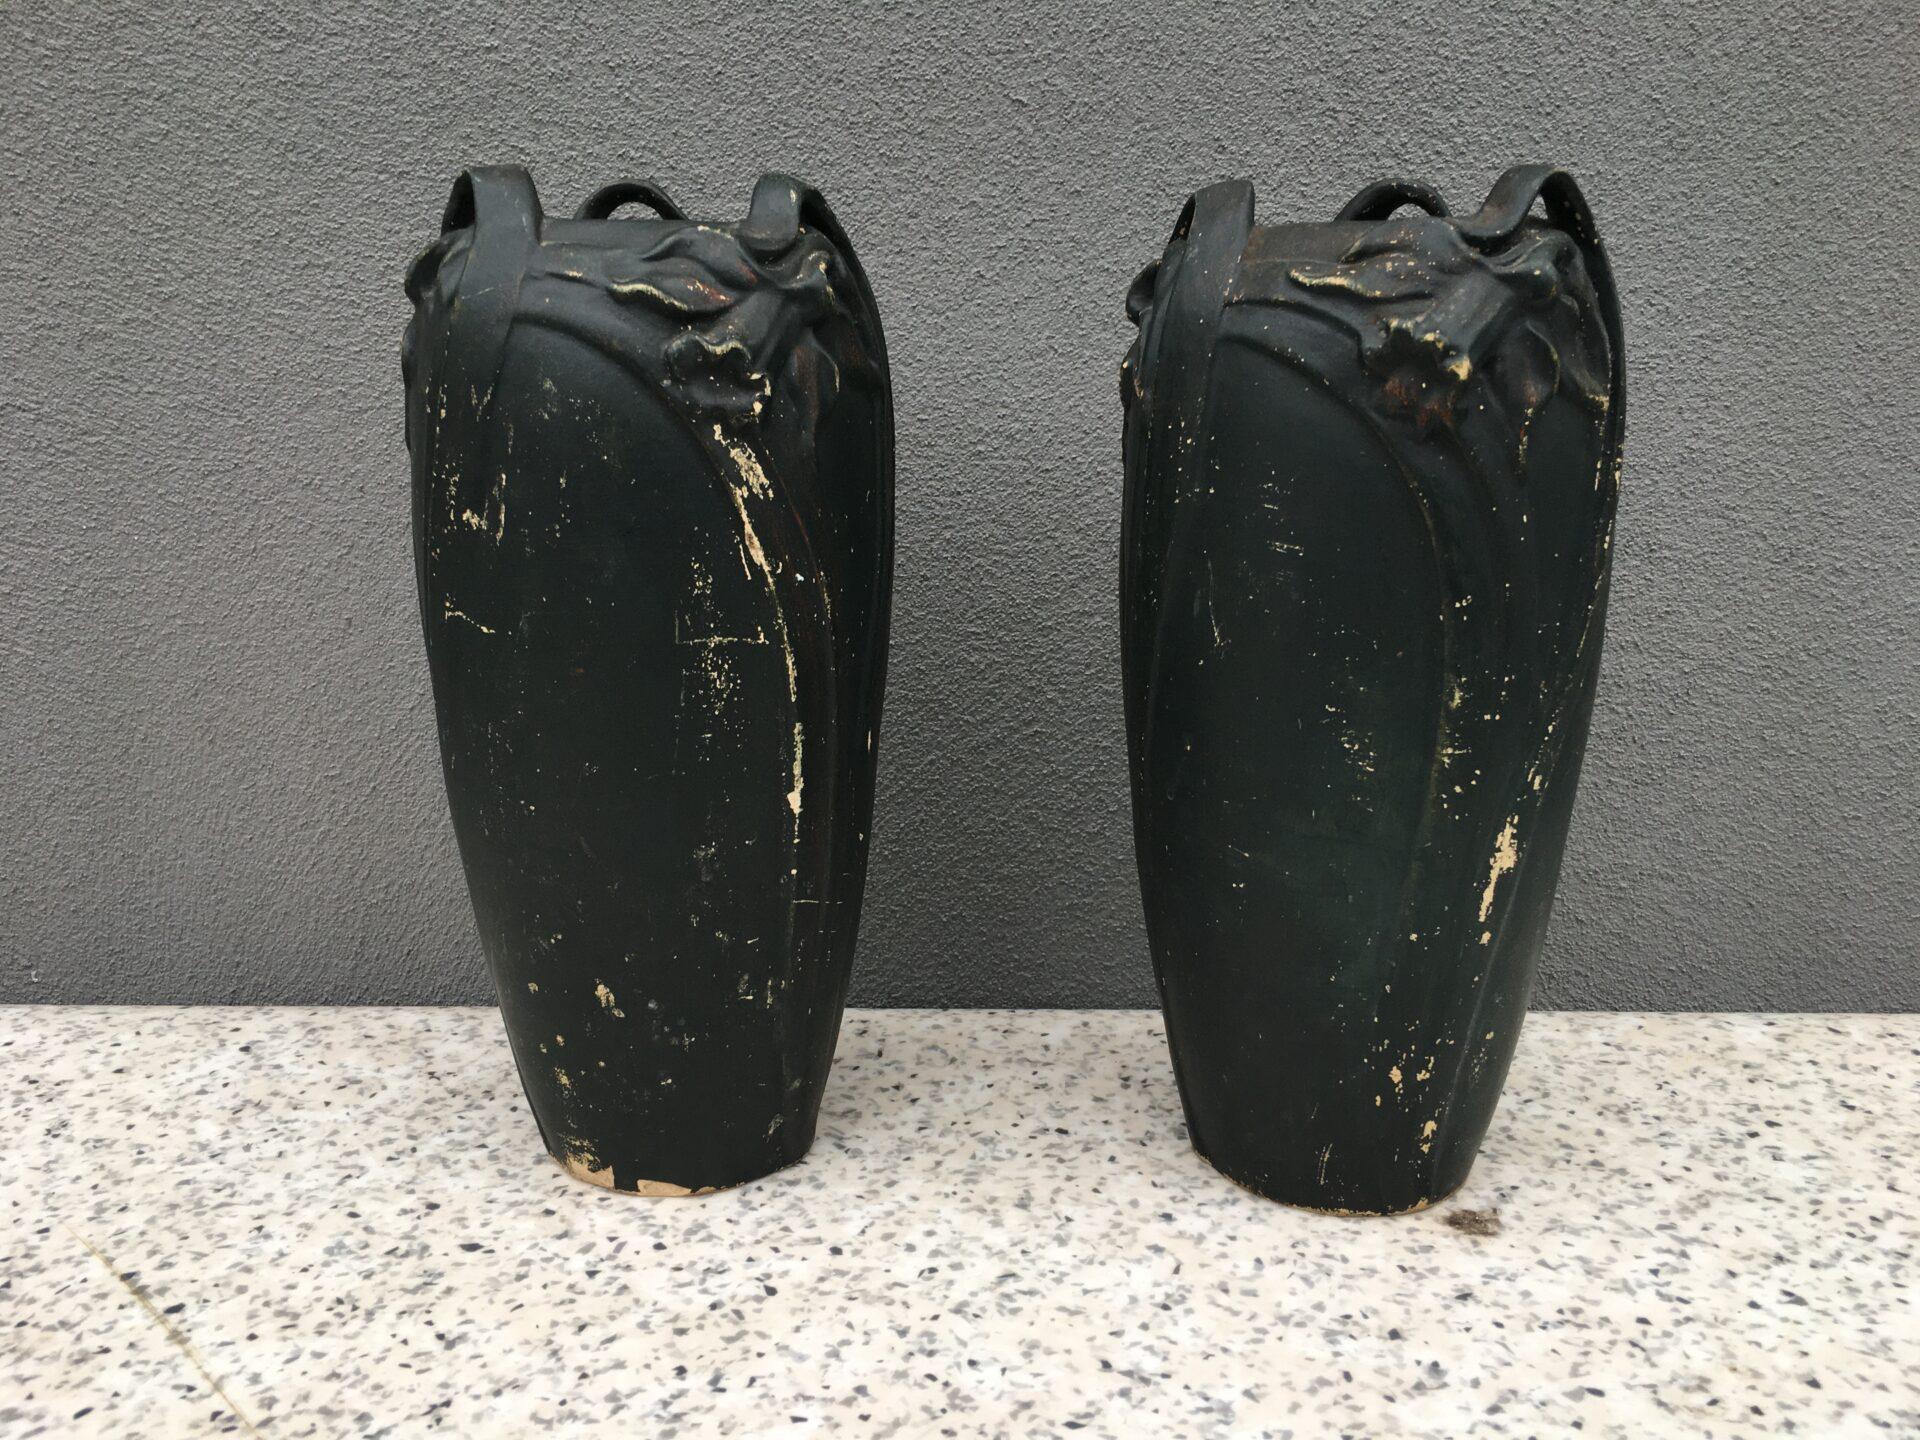 2 stk utydeligt signeret vaser i jugendstil, (Mich. Andersen eller Ipsen ?) h=26 cm, pris ialt 800kr